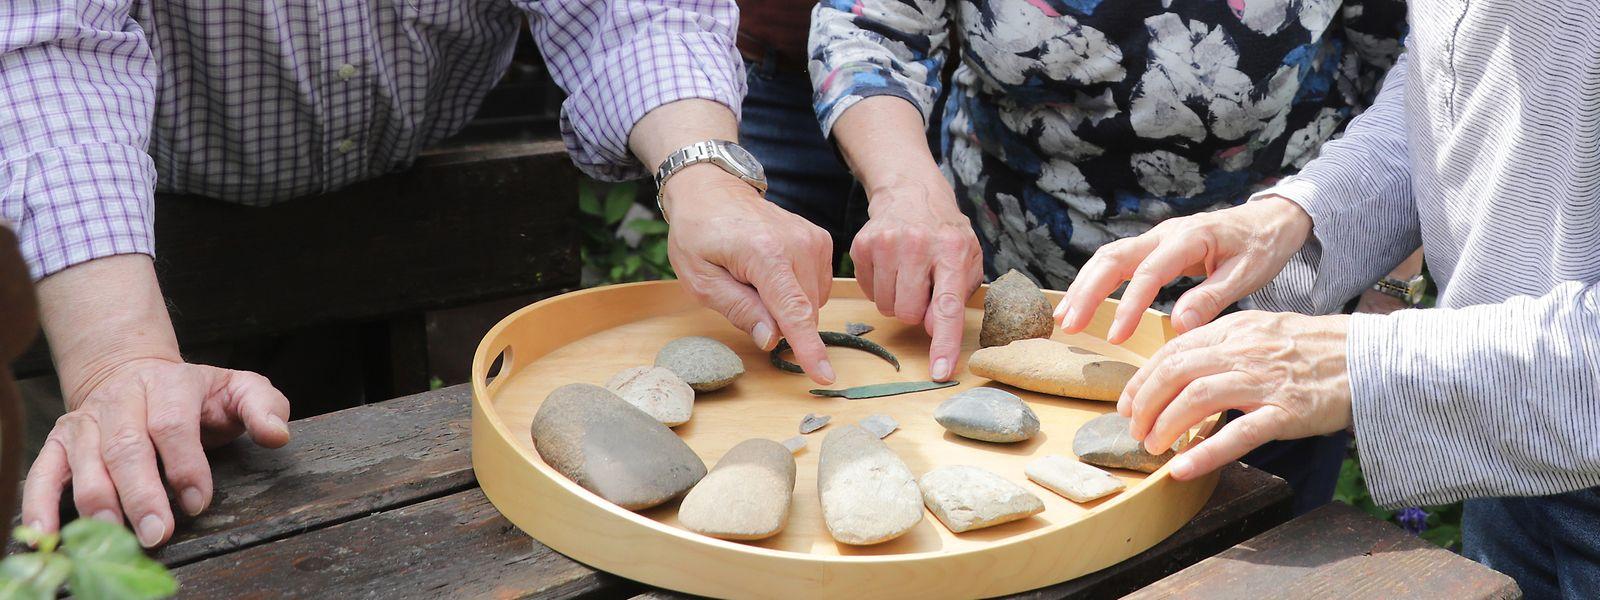 Wer weiß wonach er sucht, der findet mit etwas Glück ebenfalls Überbleibsel aus der Steinzeit. Hier die schönsten Funde von Fernand Spier.